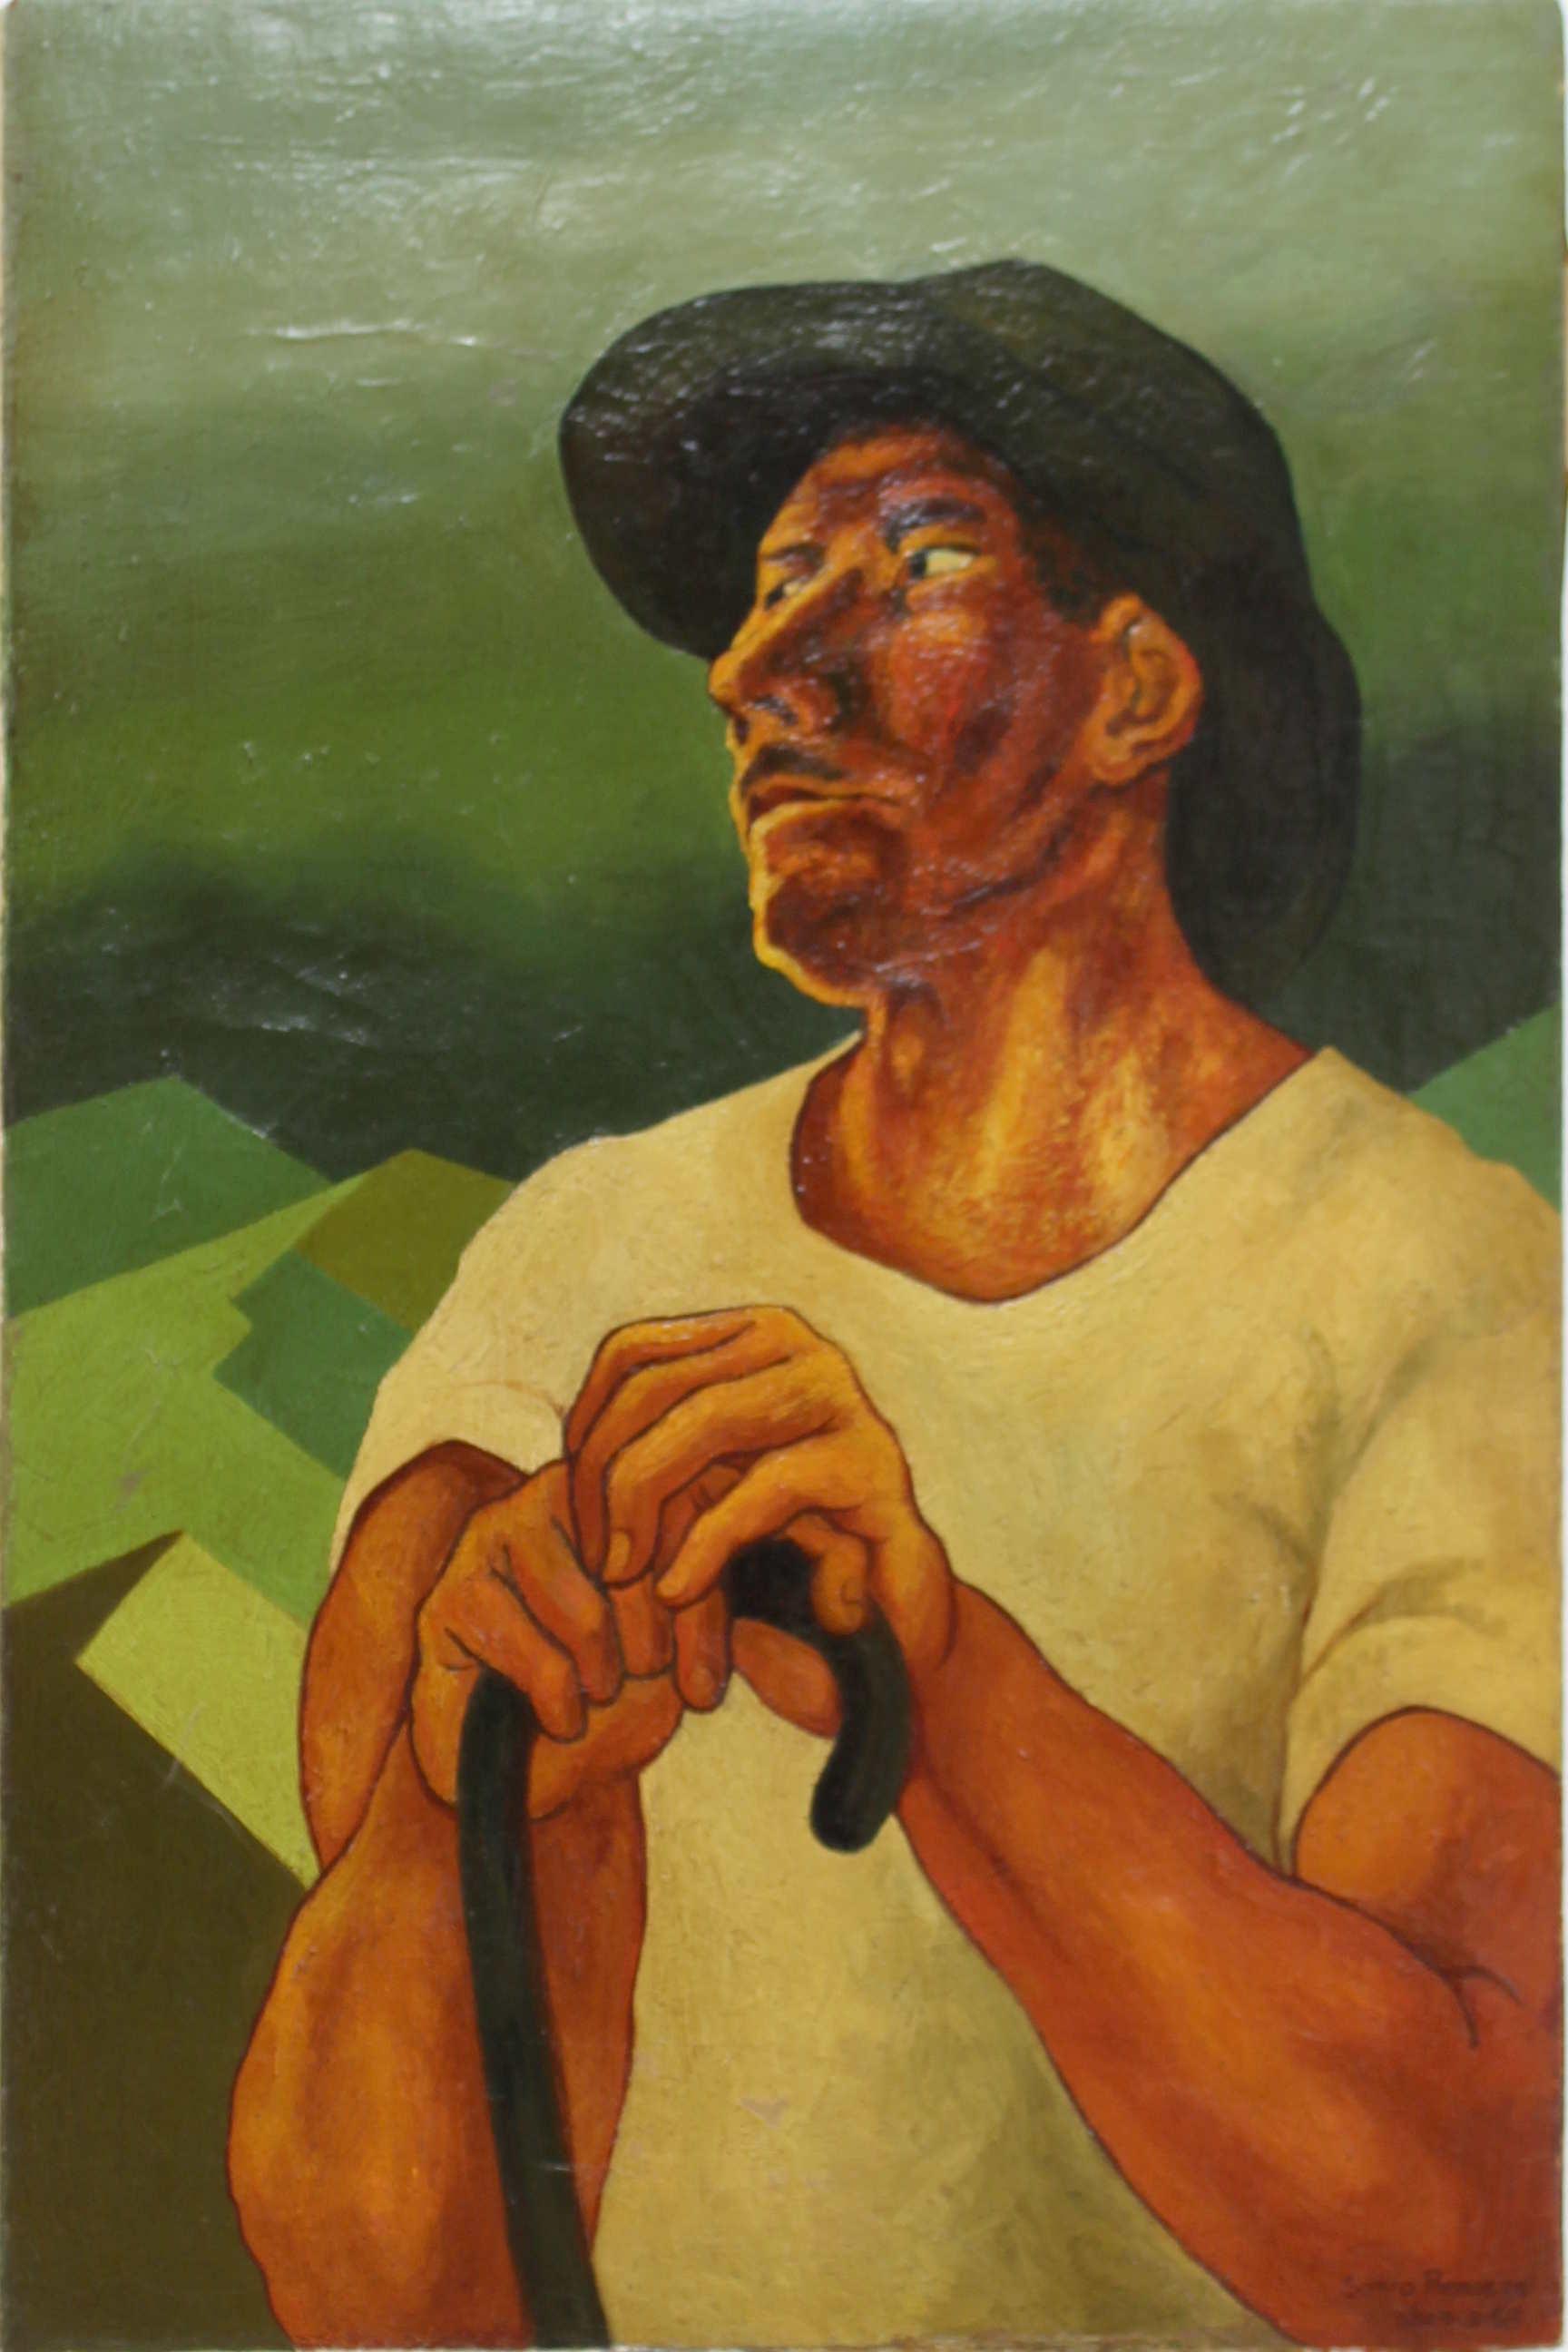 Obra de Sonia Romero Carmona, retrato de Amadeo el jardinero, óleo, año 1970. Fotografía: Adriana Araya.